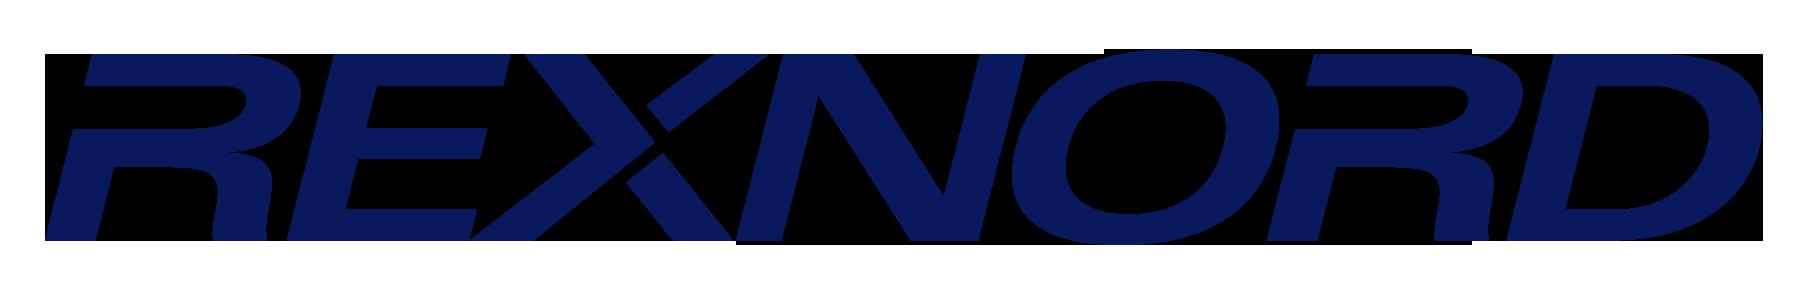 Rexnord-Corp-Logo